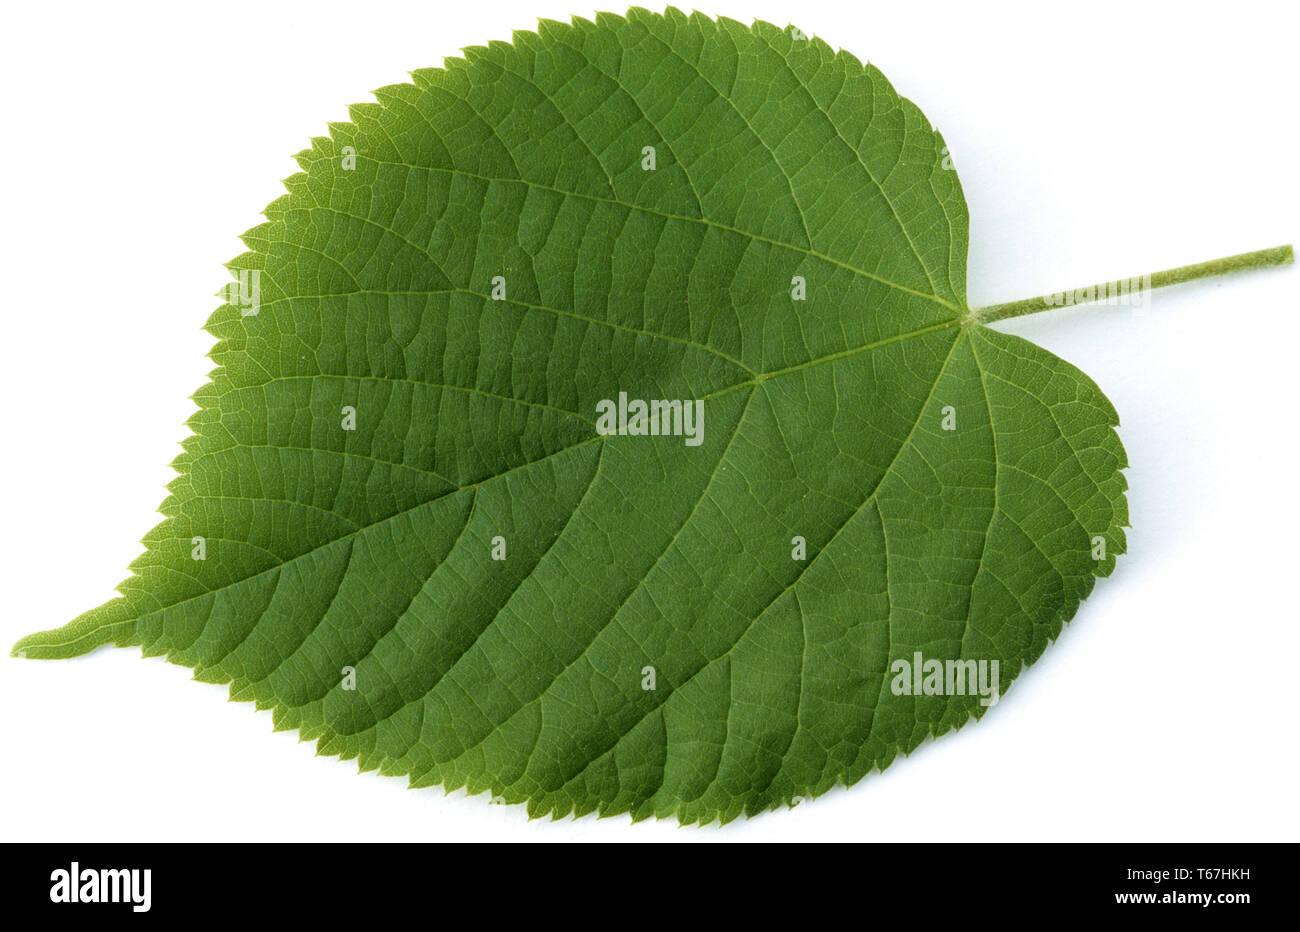 Largeleaf linden or broad leaved lime, Tilia platyphyllos Stock Photo